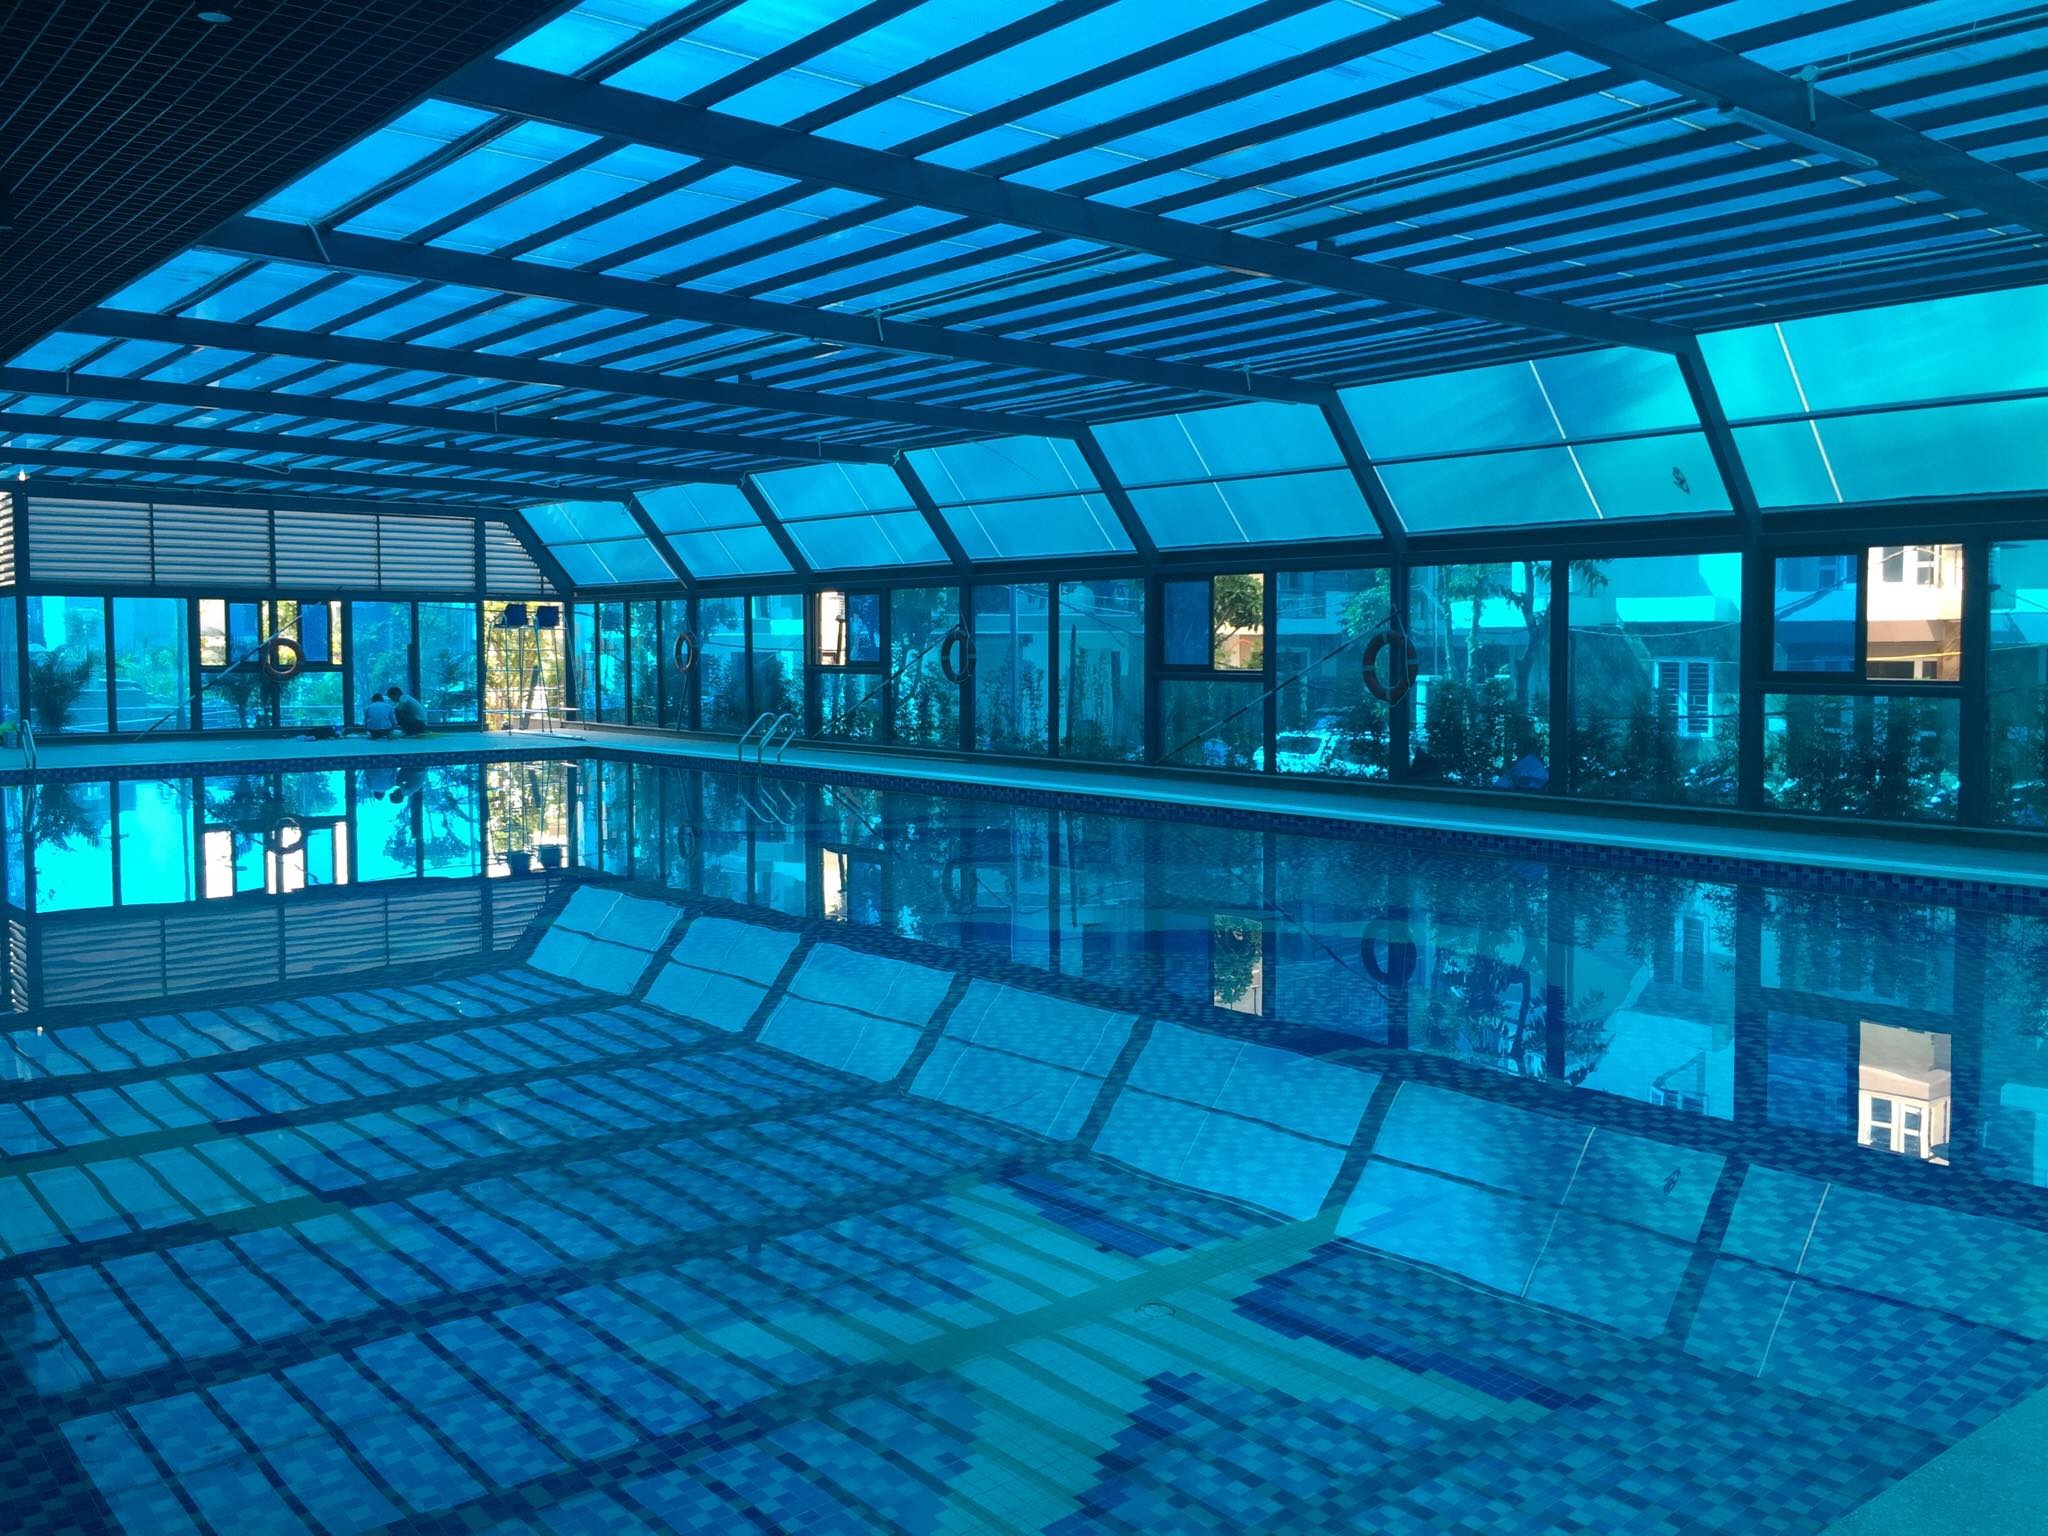 Dự án có 2 bể bơi bốn mùa tại tòa CT1 và CT3. Các bể bơi đều đã hoàn thiện và chuẩn bị đưa vào phục vụ các cư dân.